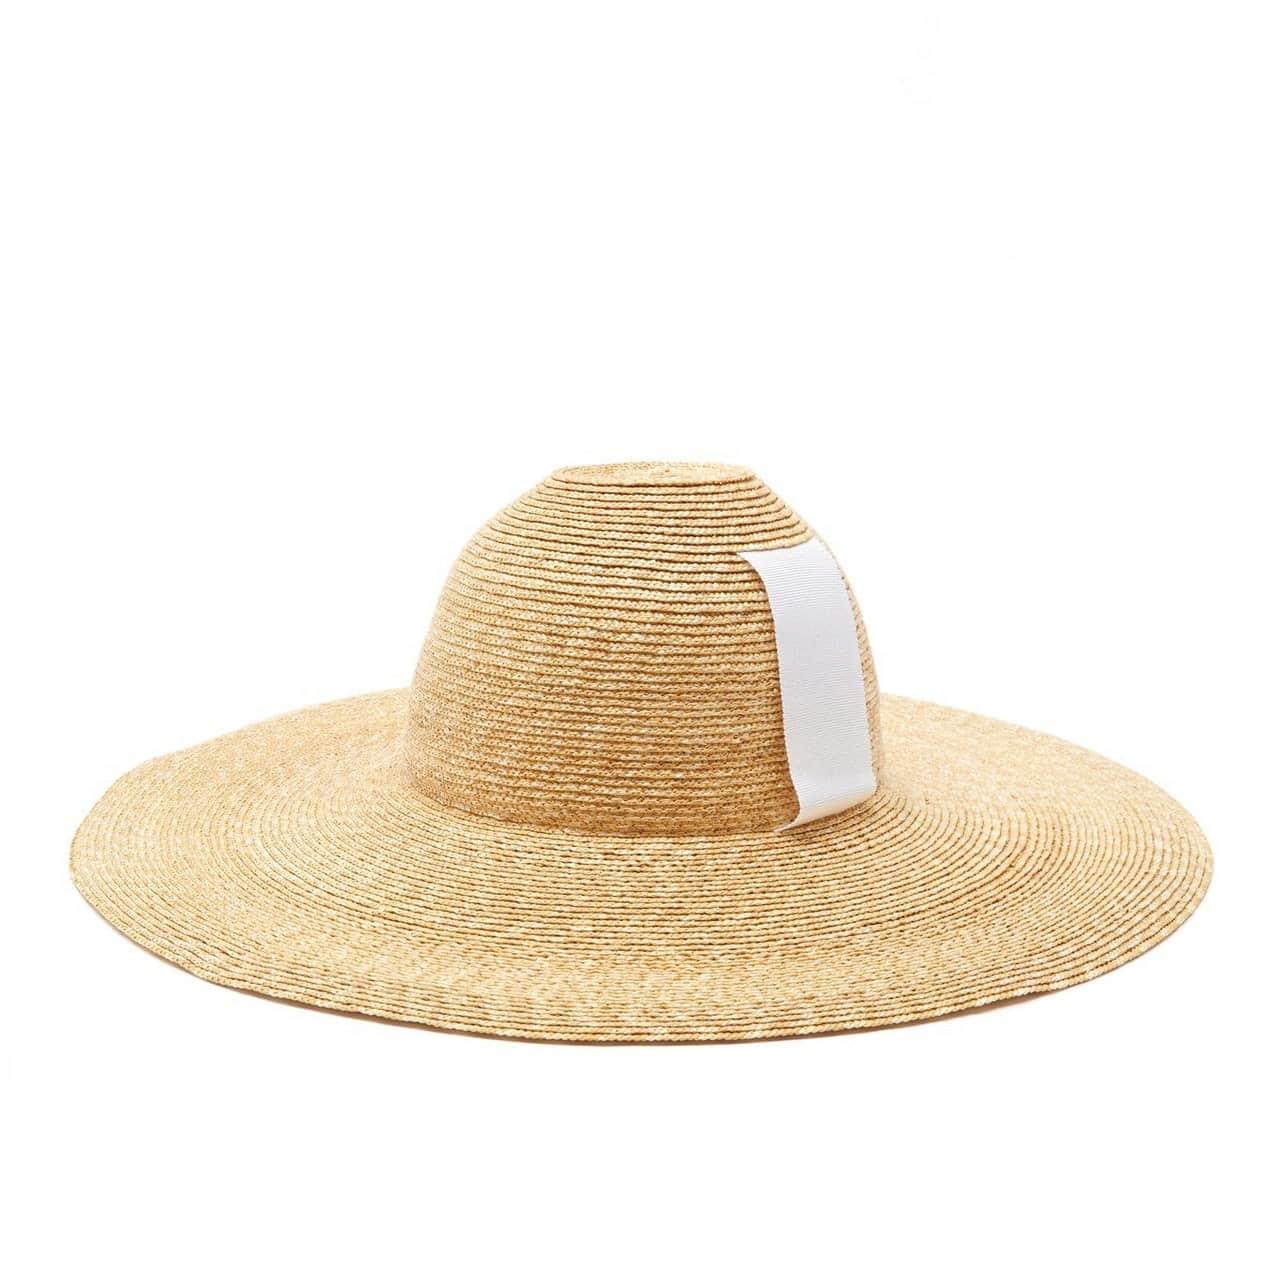 La imagen puede contener: ropa, indumentaria, sombrero para el sol, sombrero, gorra y gorra de béisbol